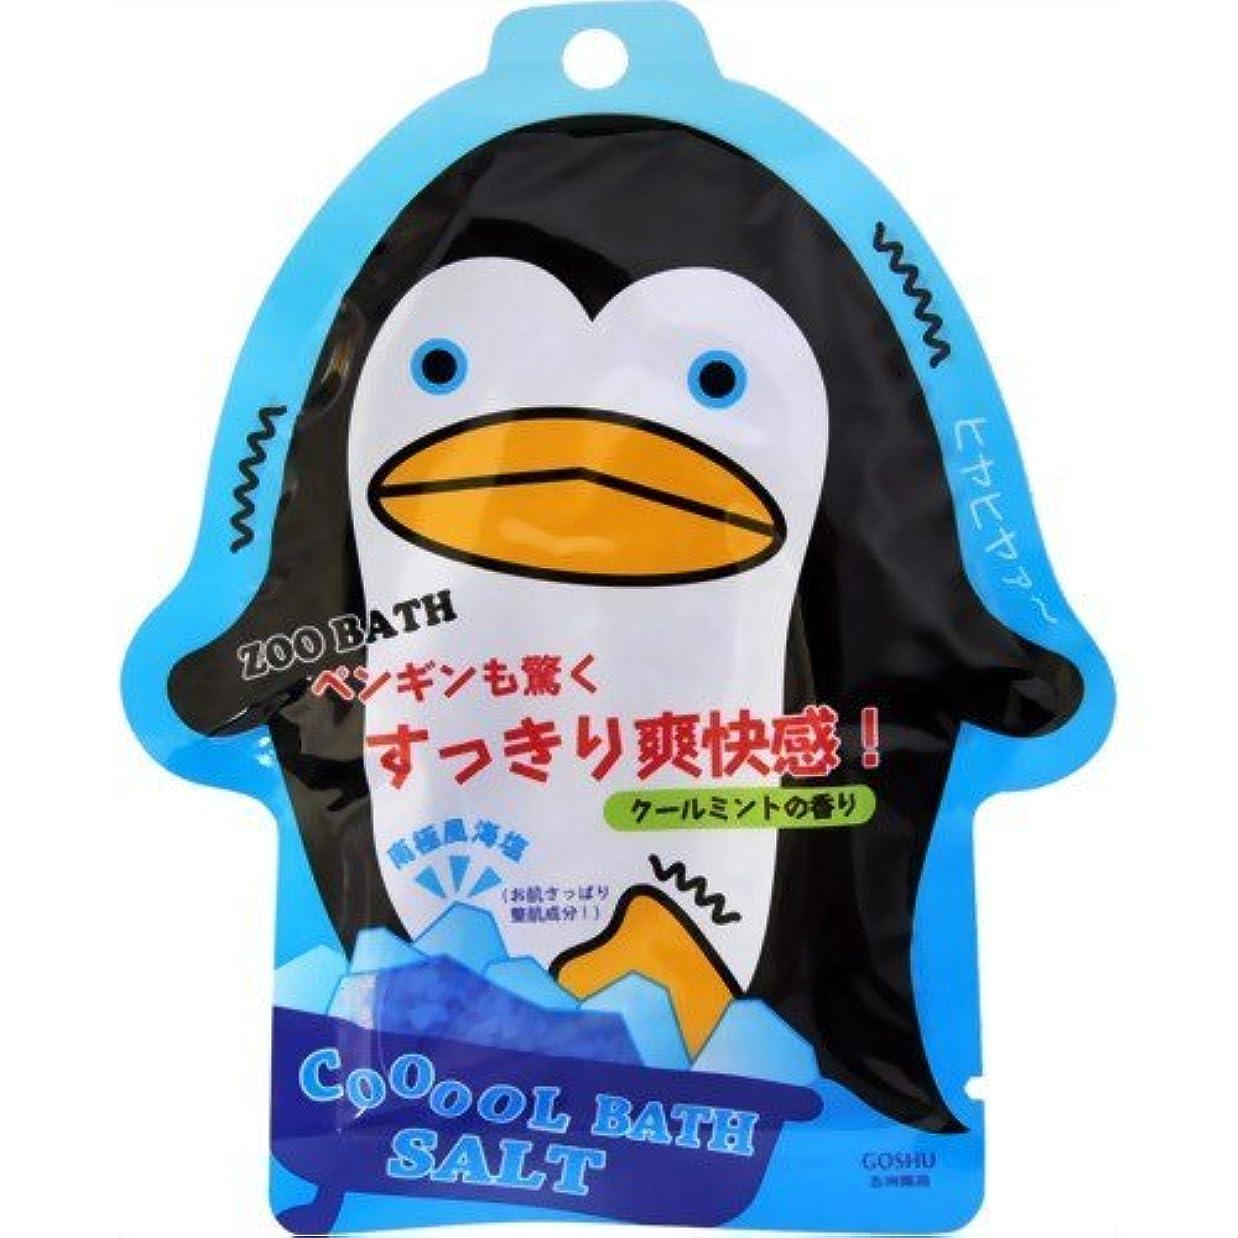 重なる会う郵便局ズーバス ペンギン バスソルト 50g(入浴剤 バスソルト)